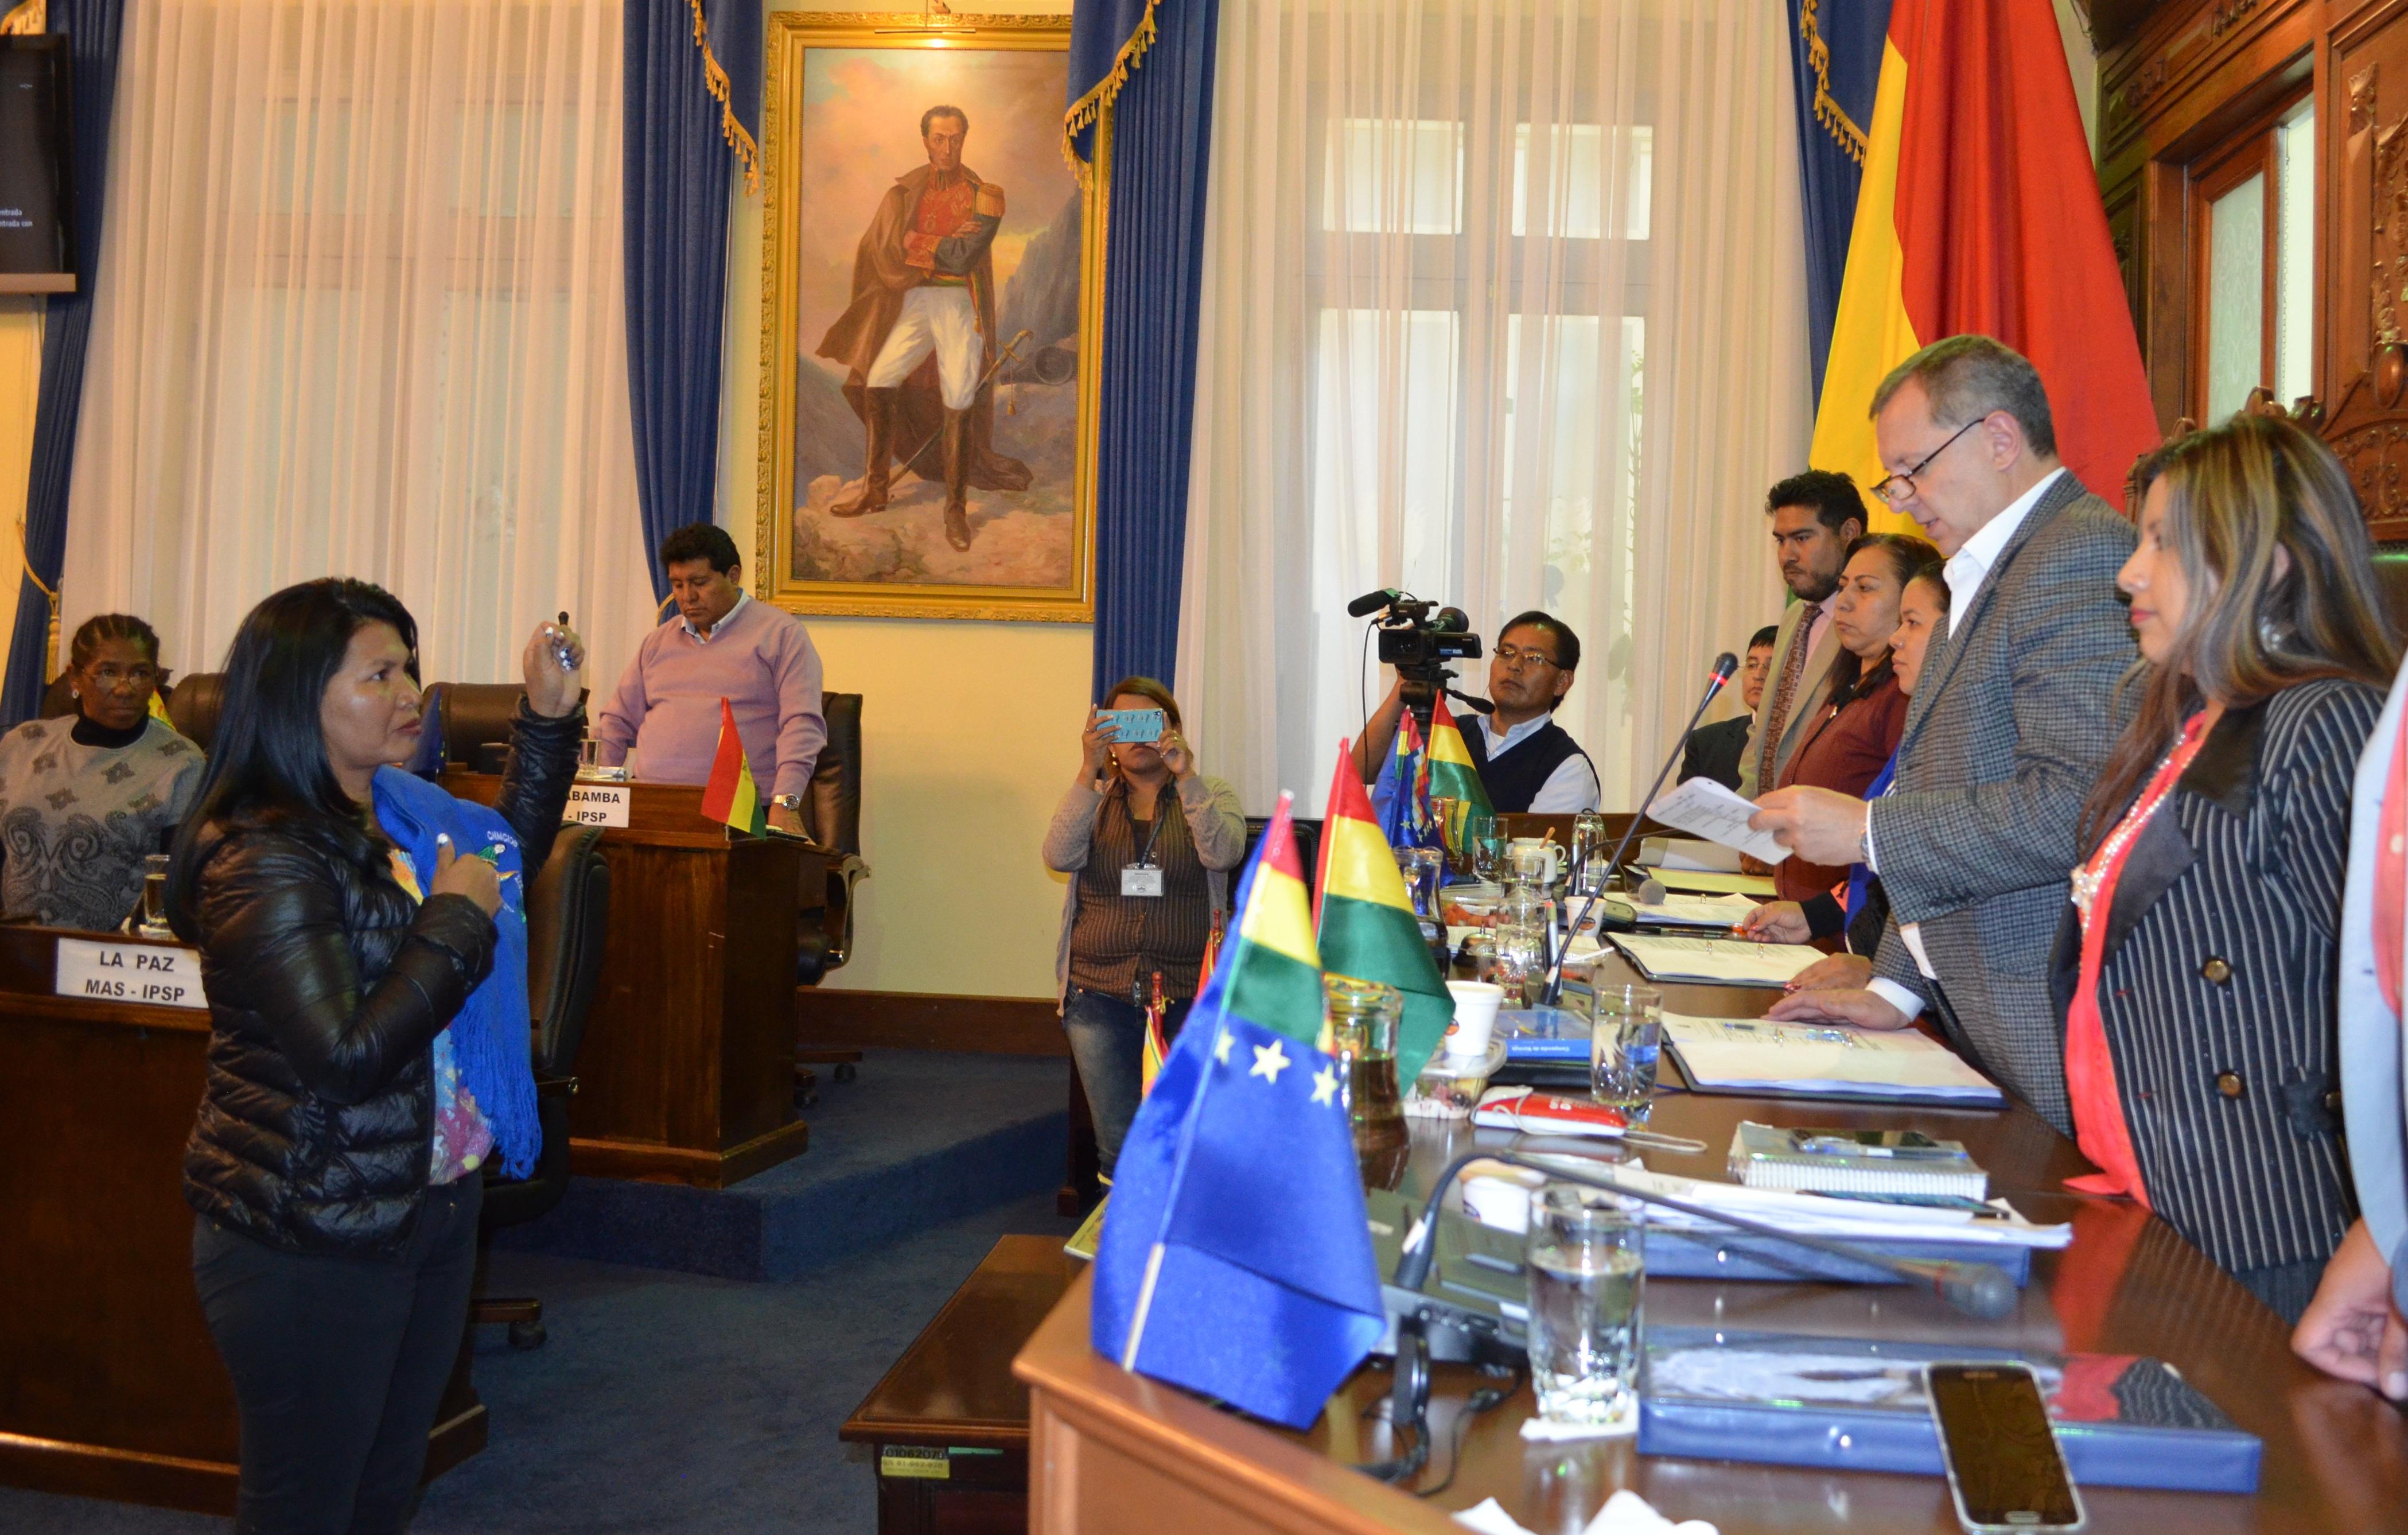 Ruth Franco Guary jura como senadora por el departamento del Beni